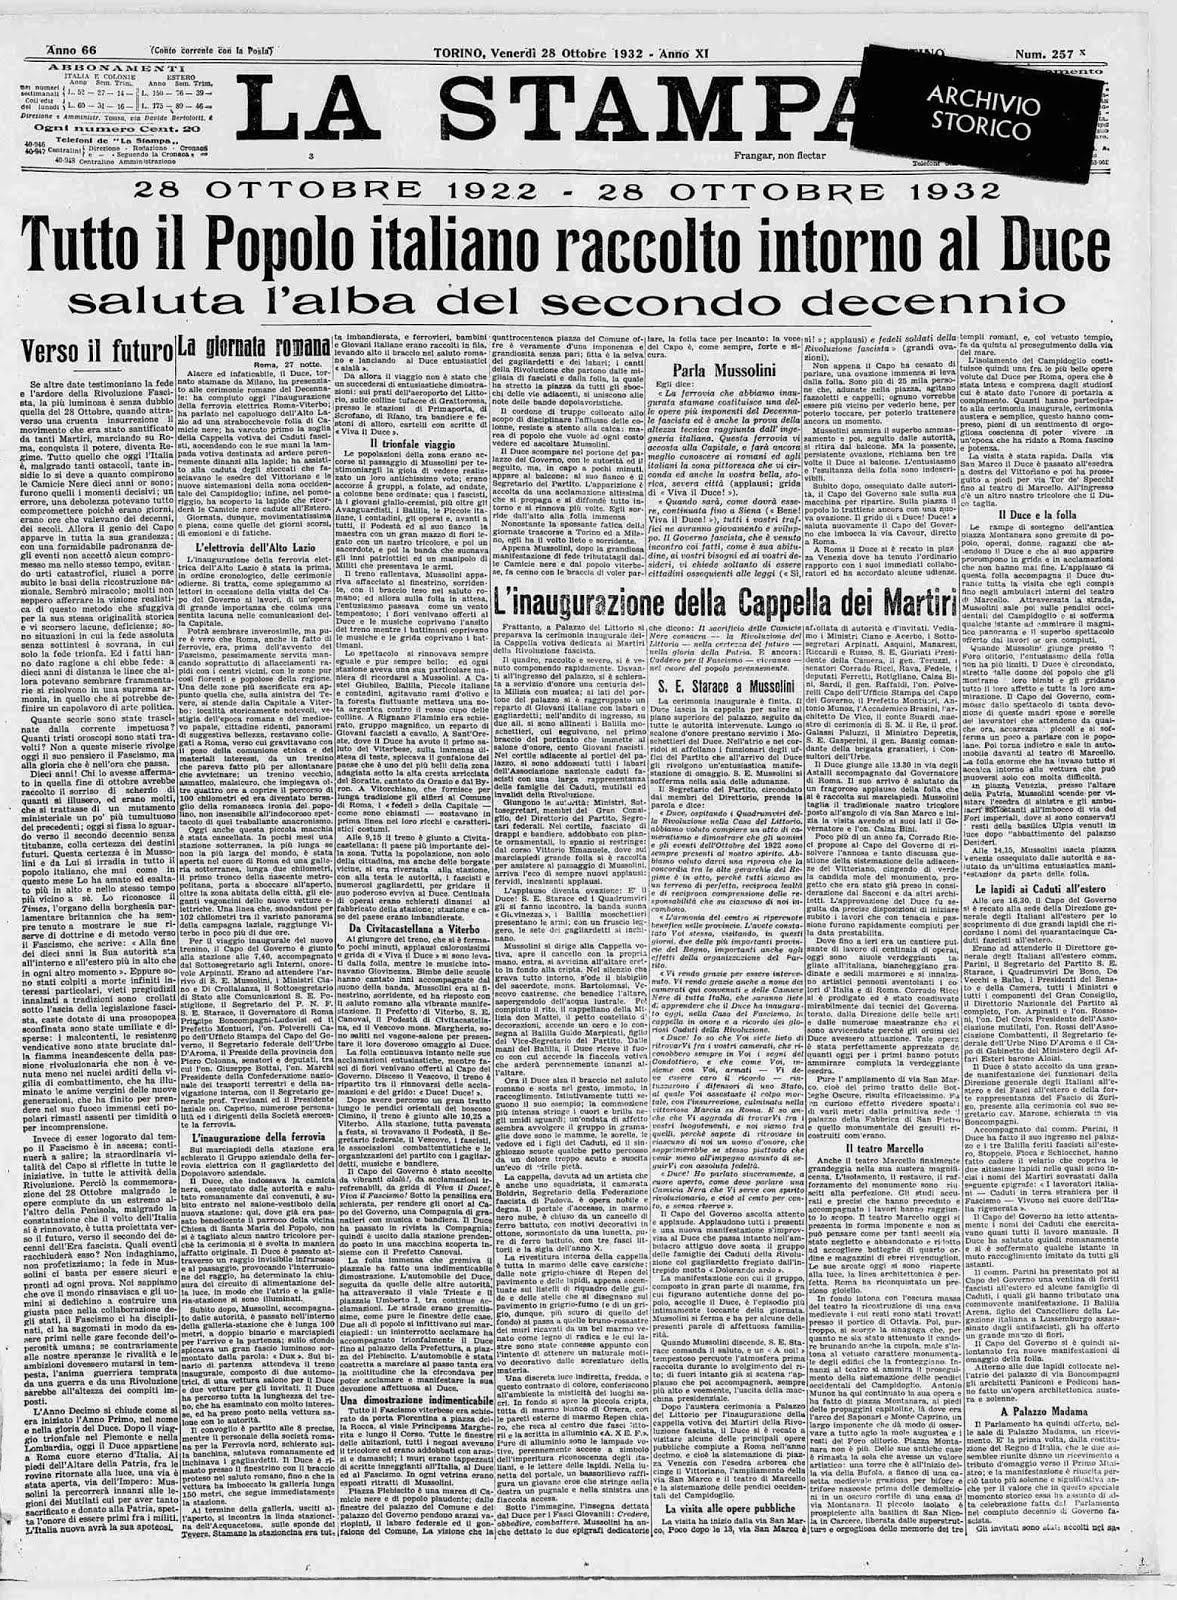 LA STAMPA 28 OTTOBRE 1932